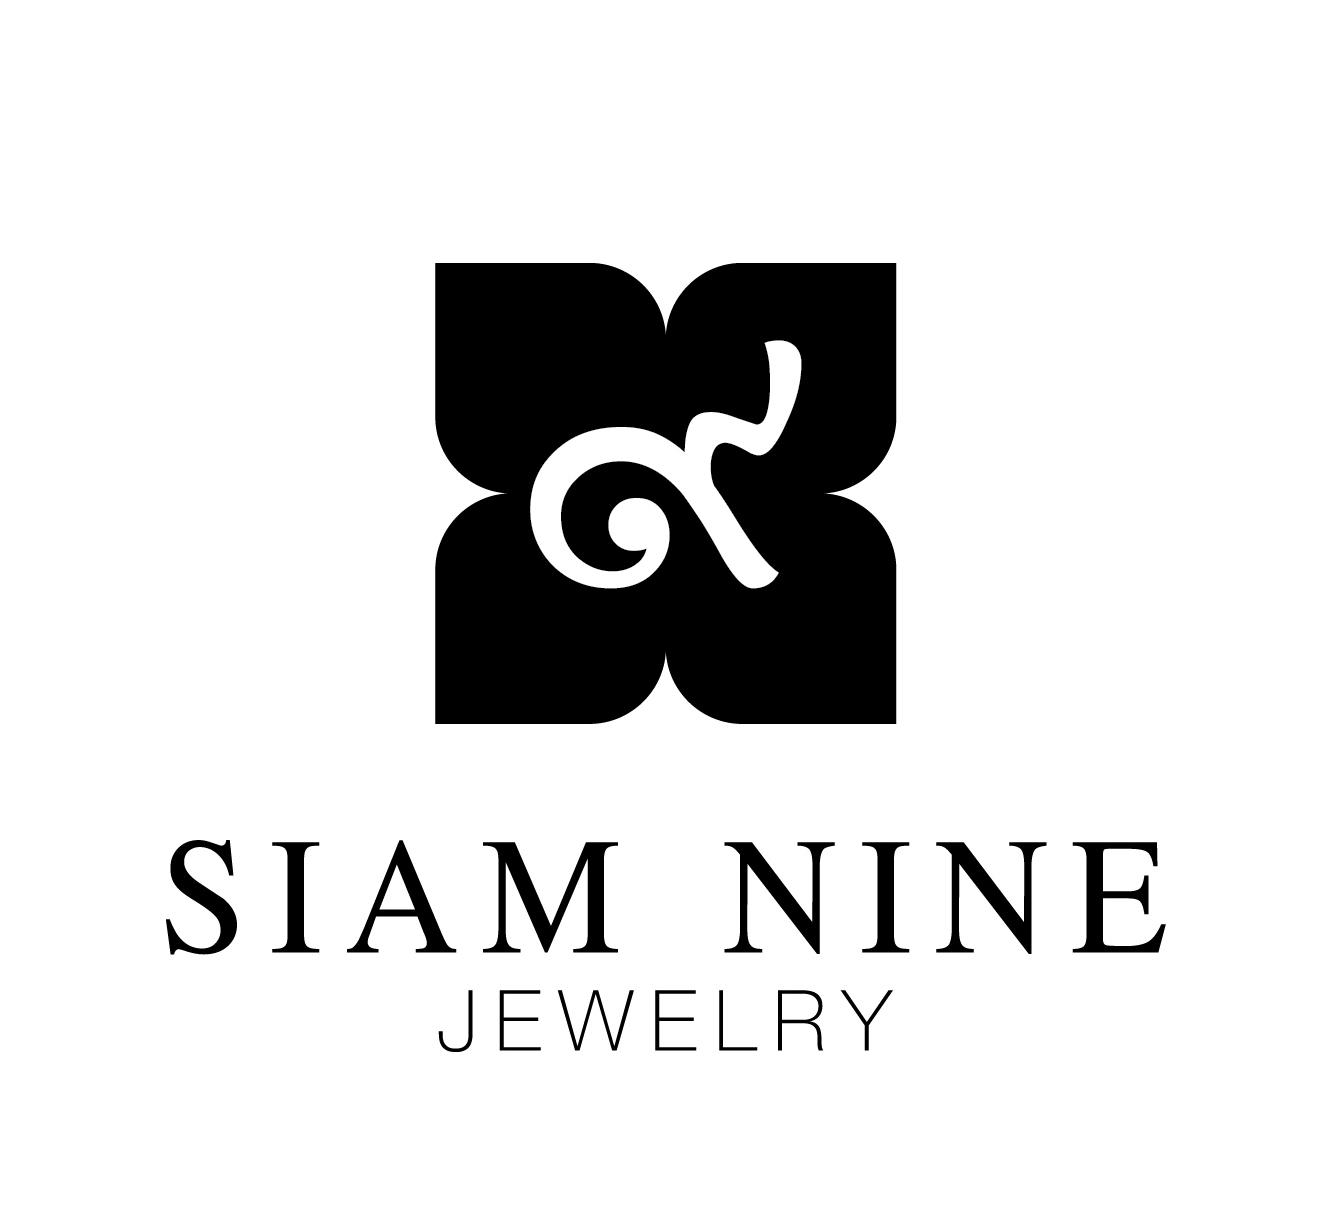 SIAM NINE JEWELRY